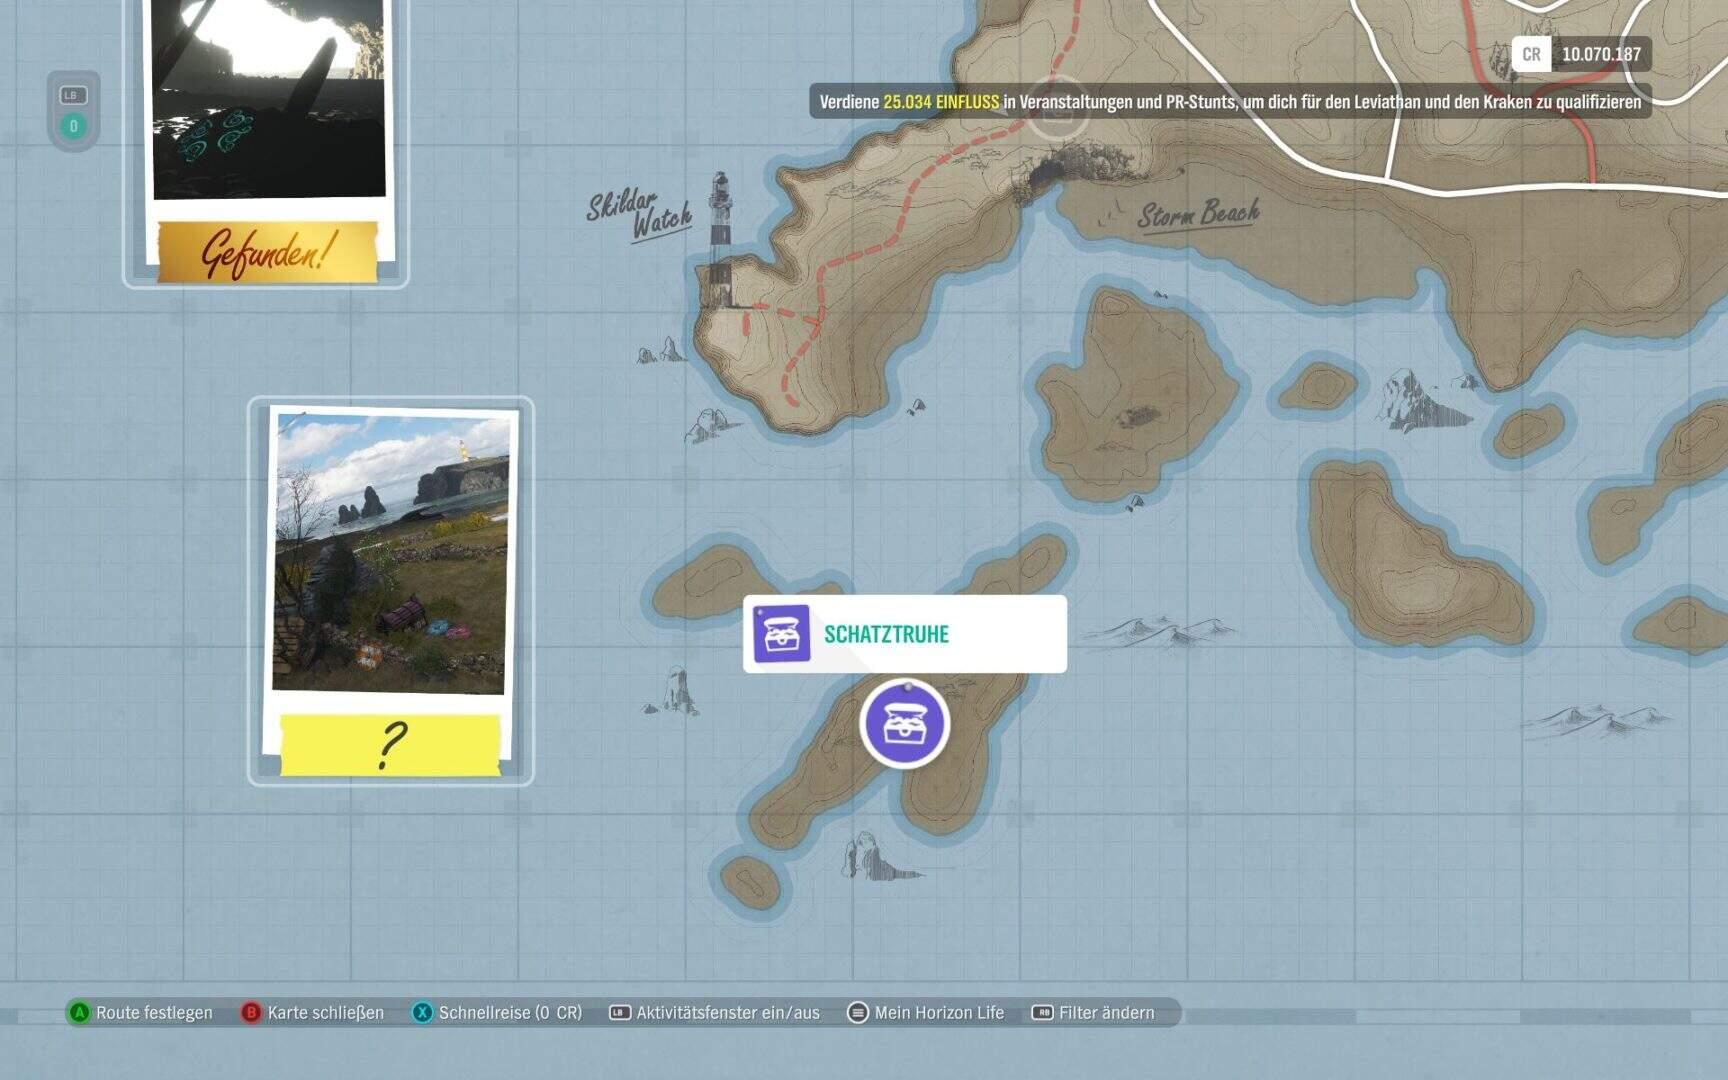 Forza Horizon 4 Fortune Island Schatztruhe 9 Location